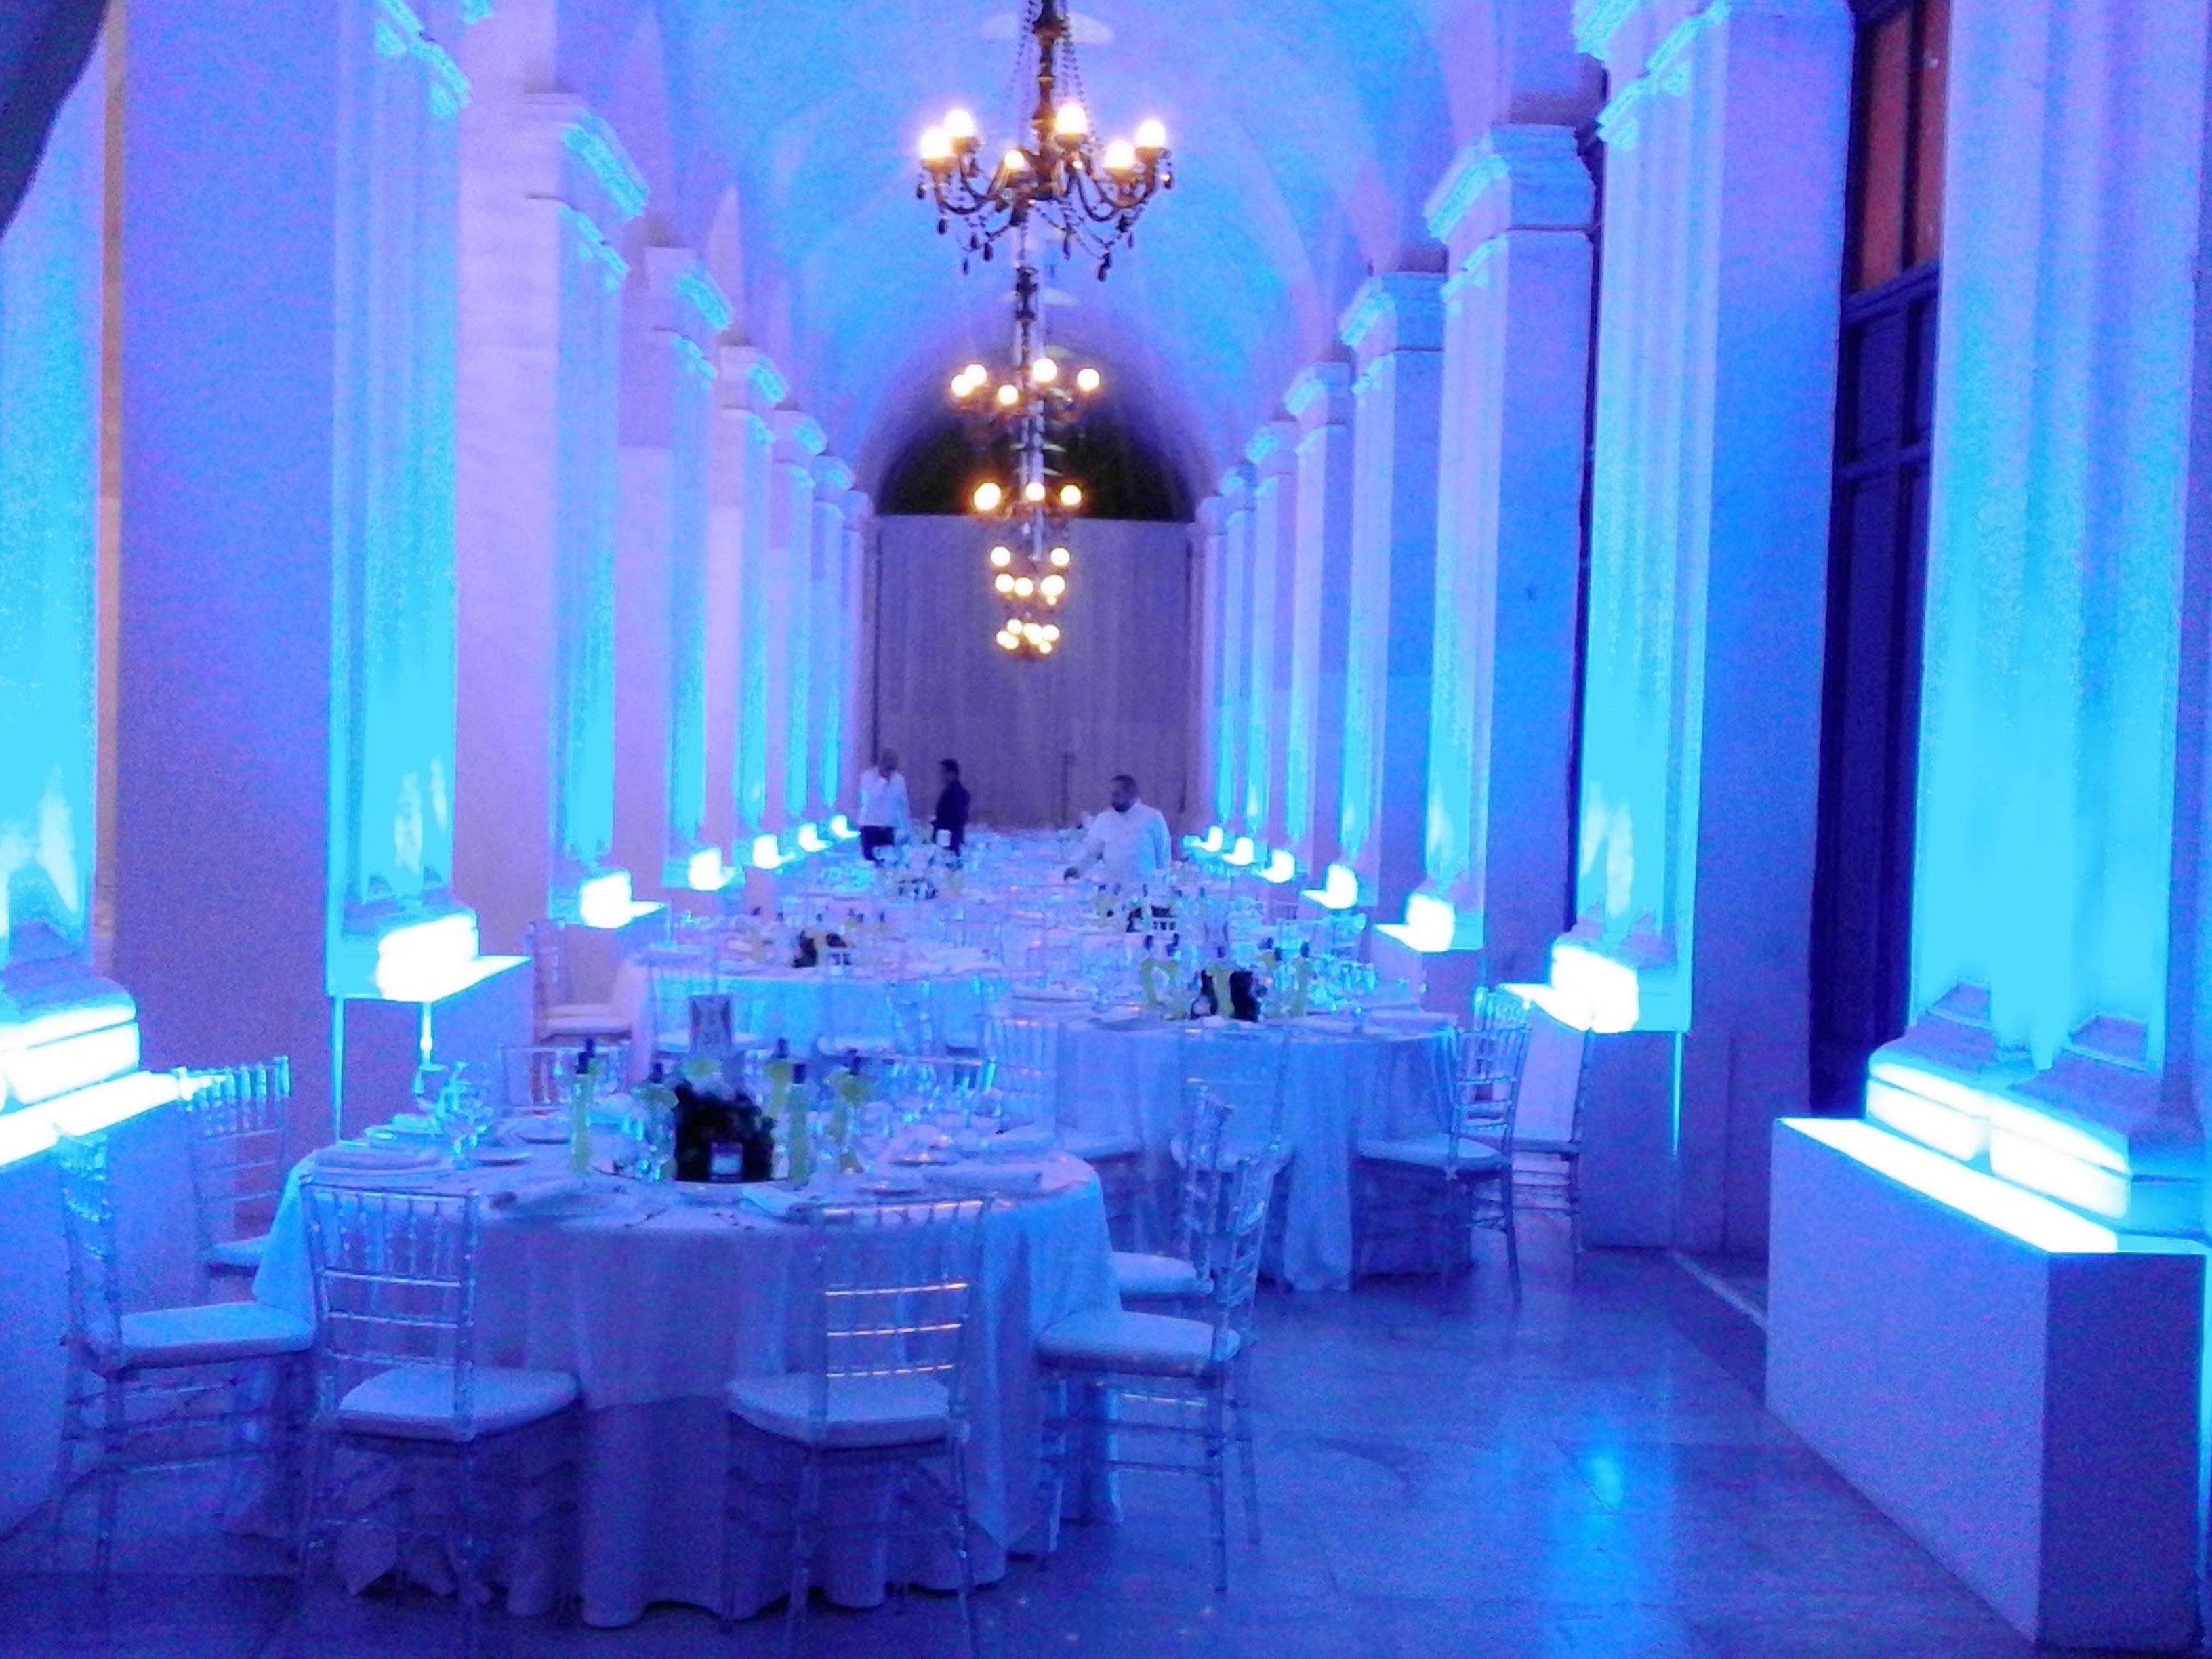 Sistemi Di Illuminazione A Led sistemi di illuminazione led | stc communcation